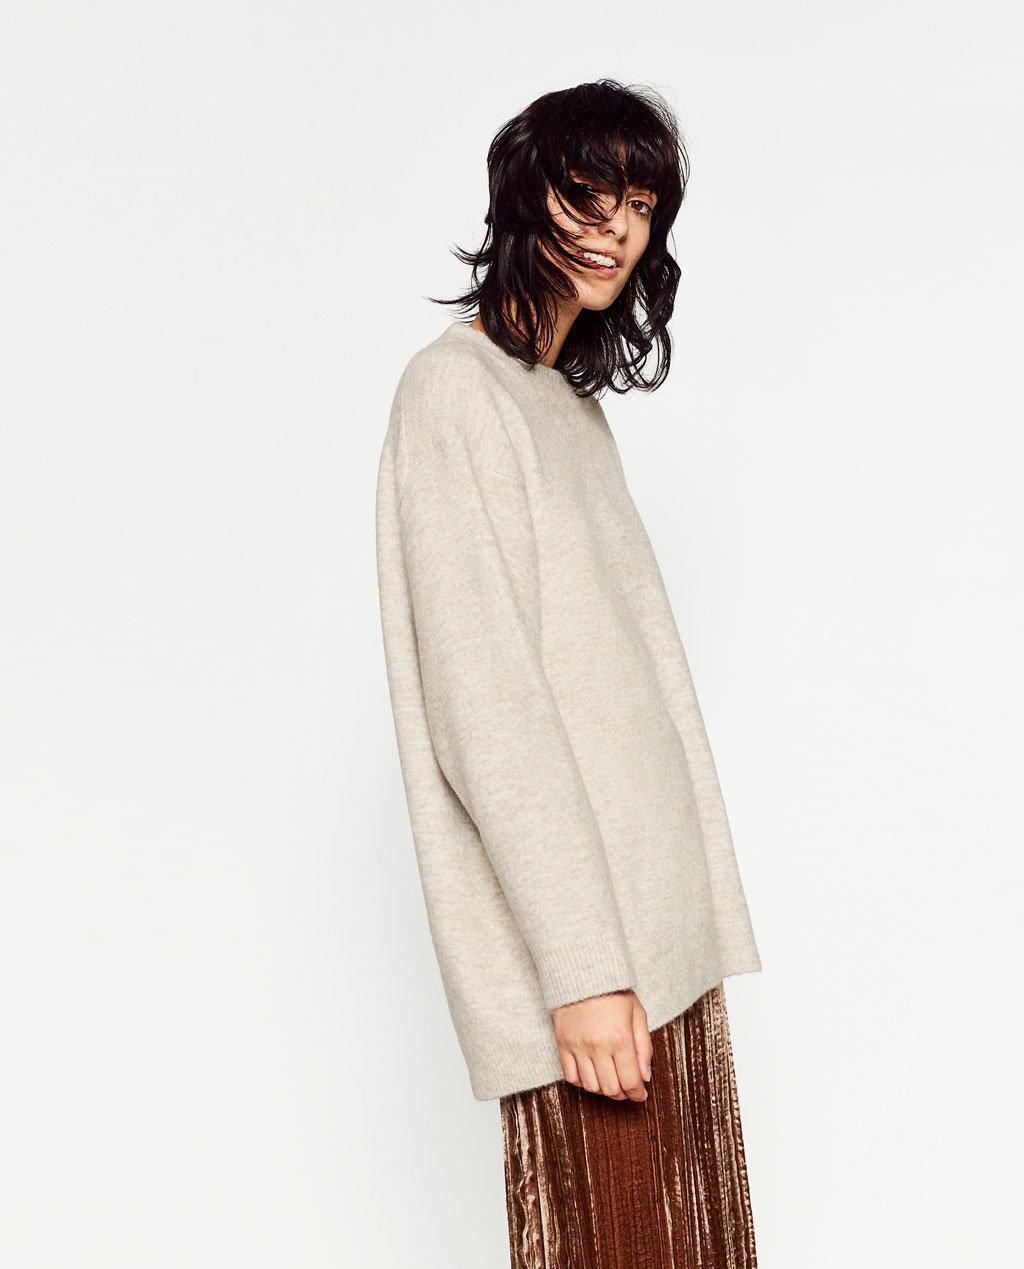 Fashioned Women Knitting Sweater